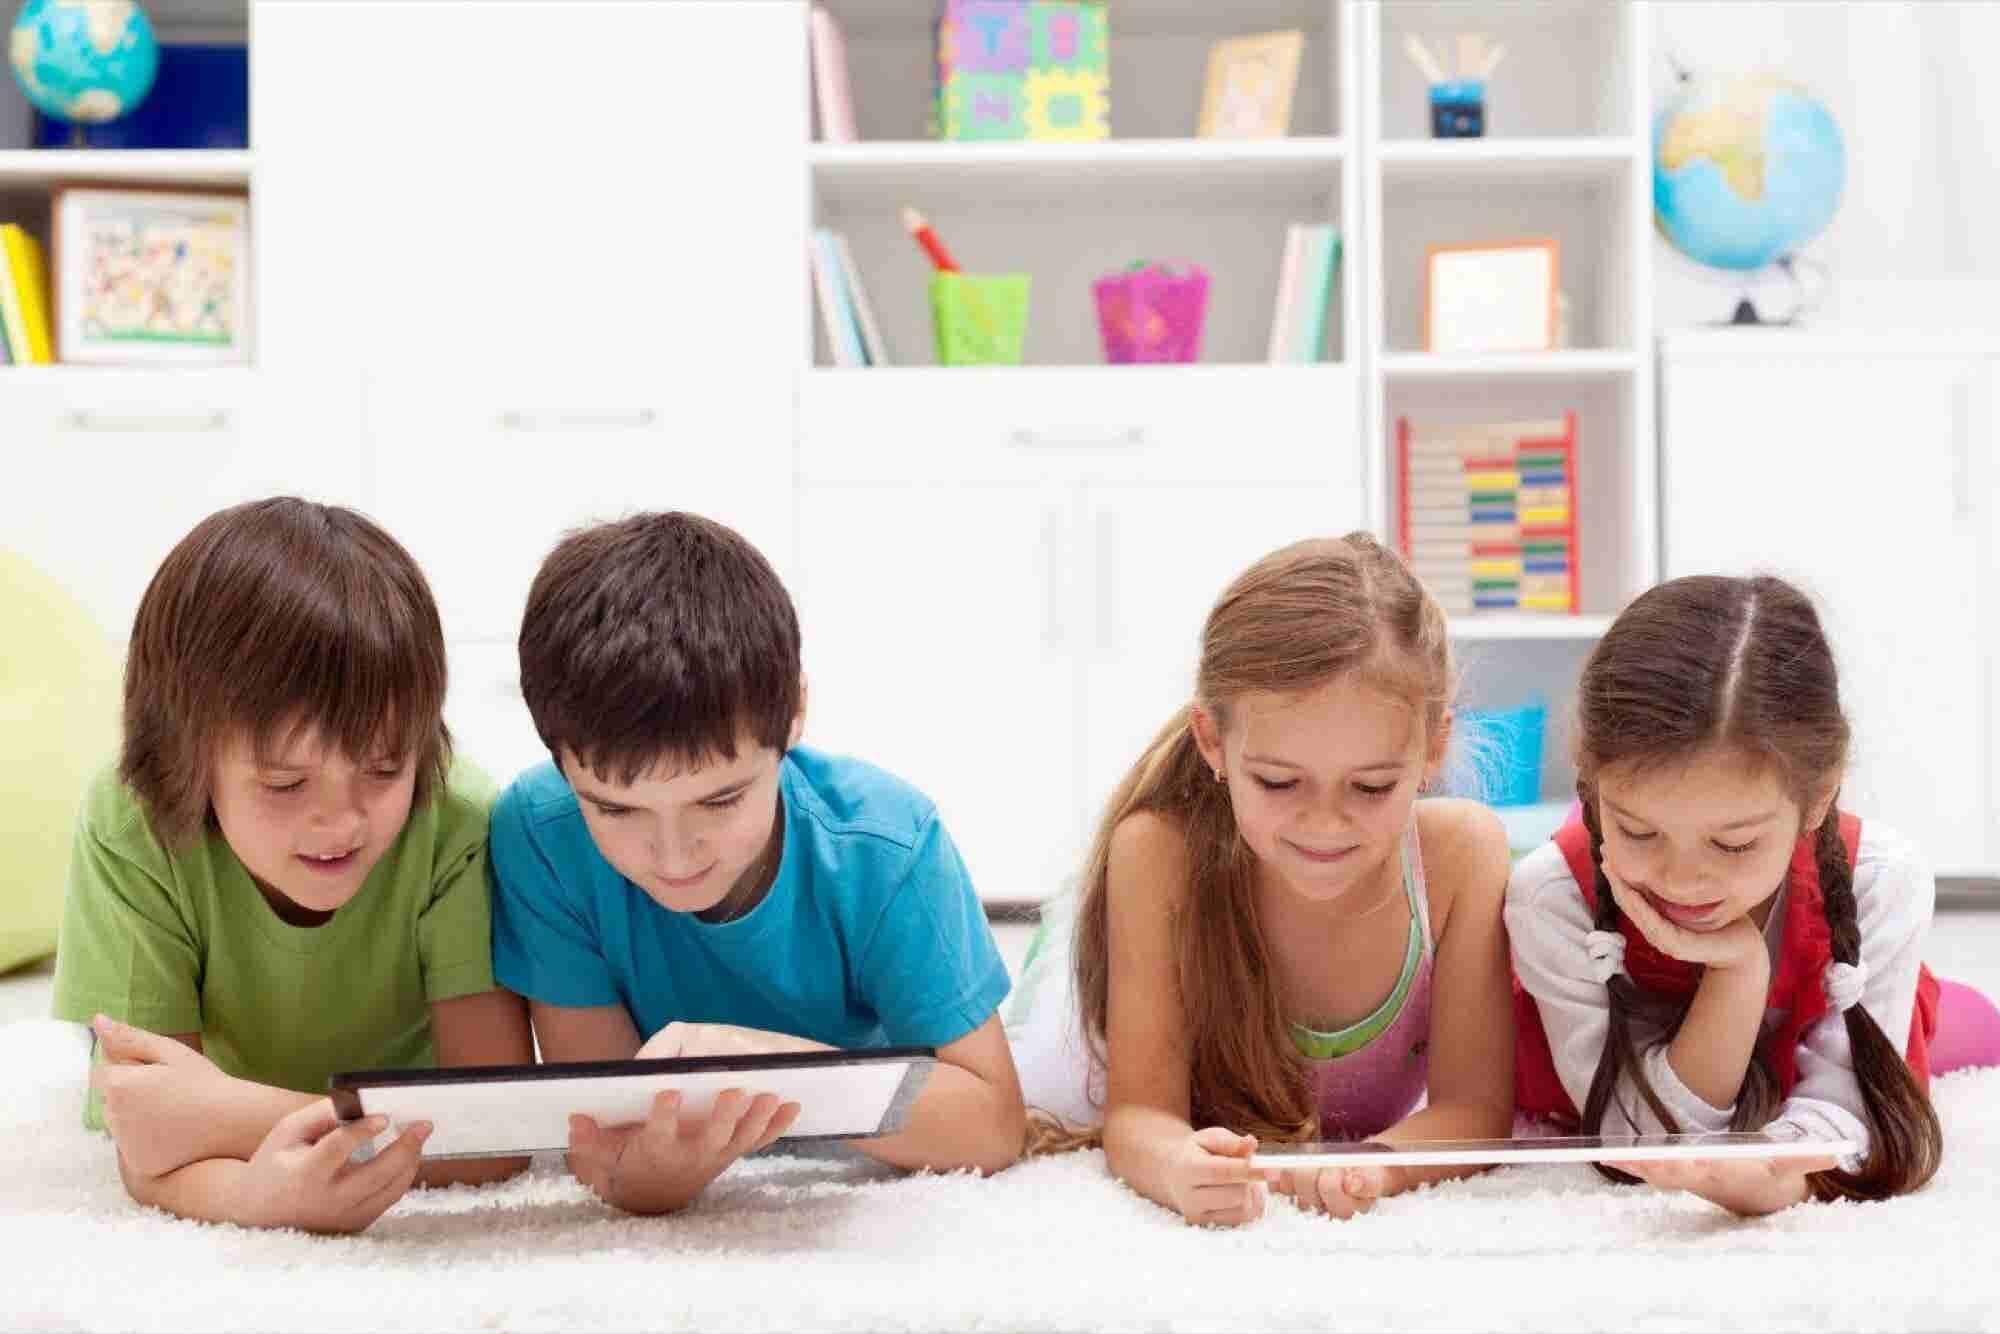 El plan del Papalote Museo del Niño para conquistar a la generación Z